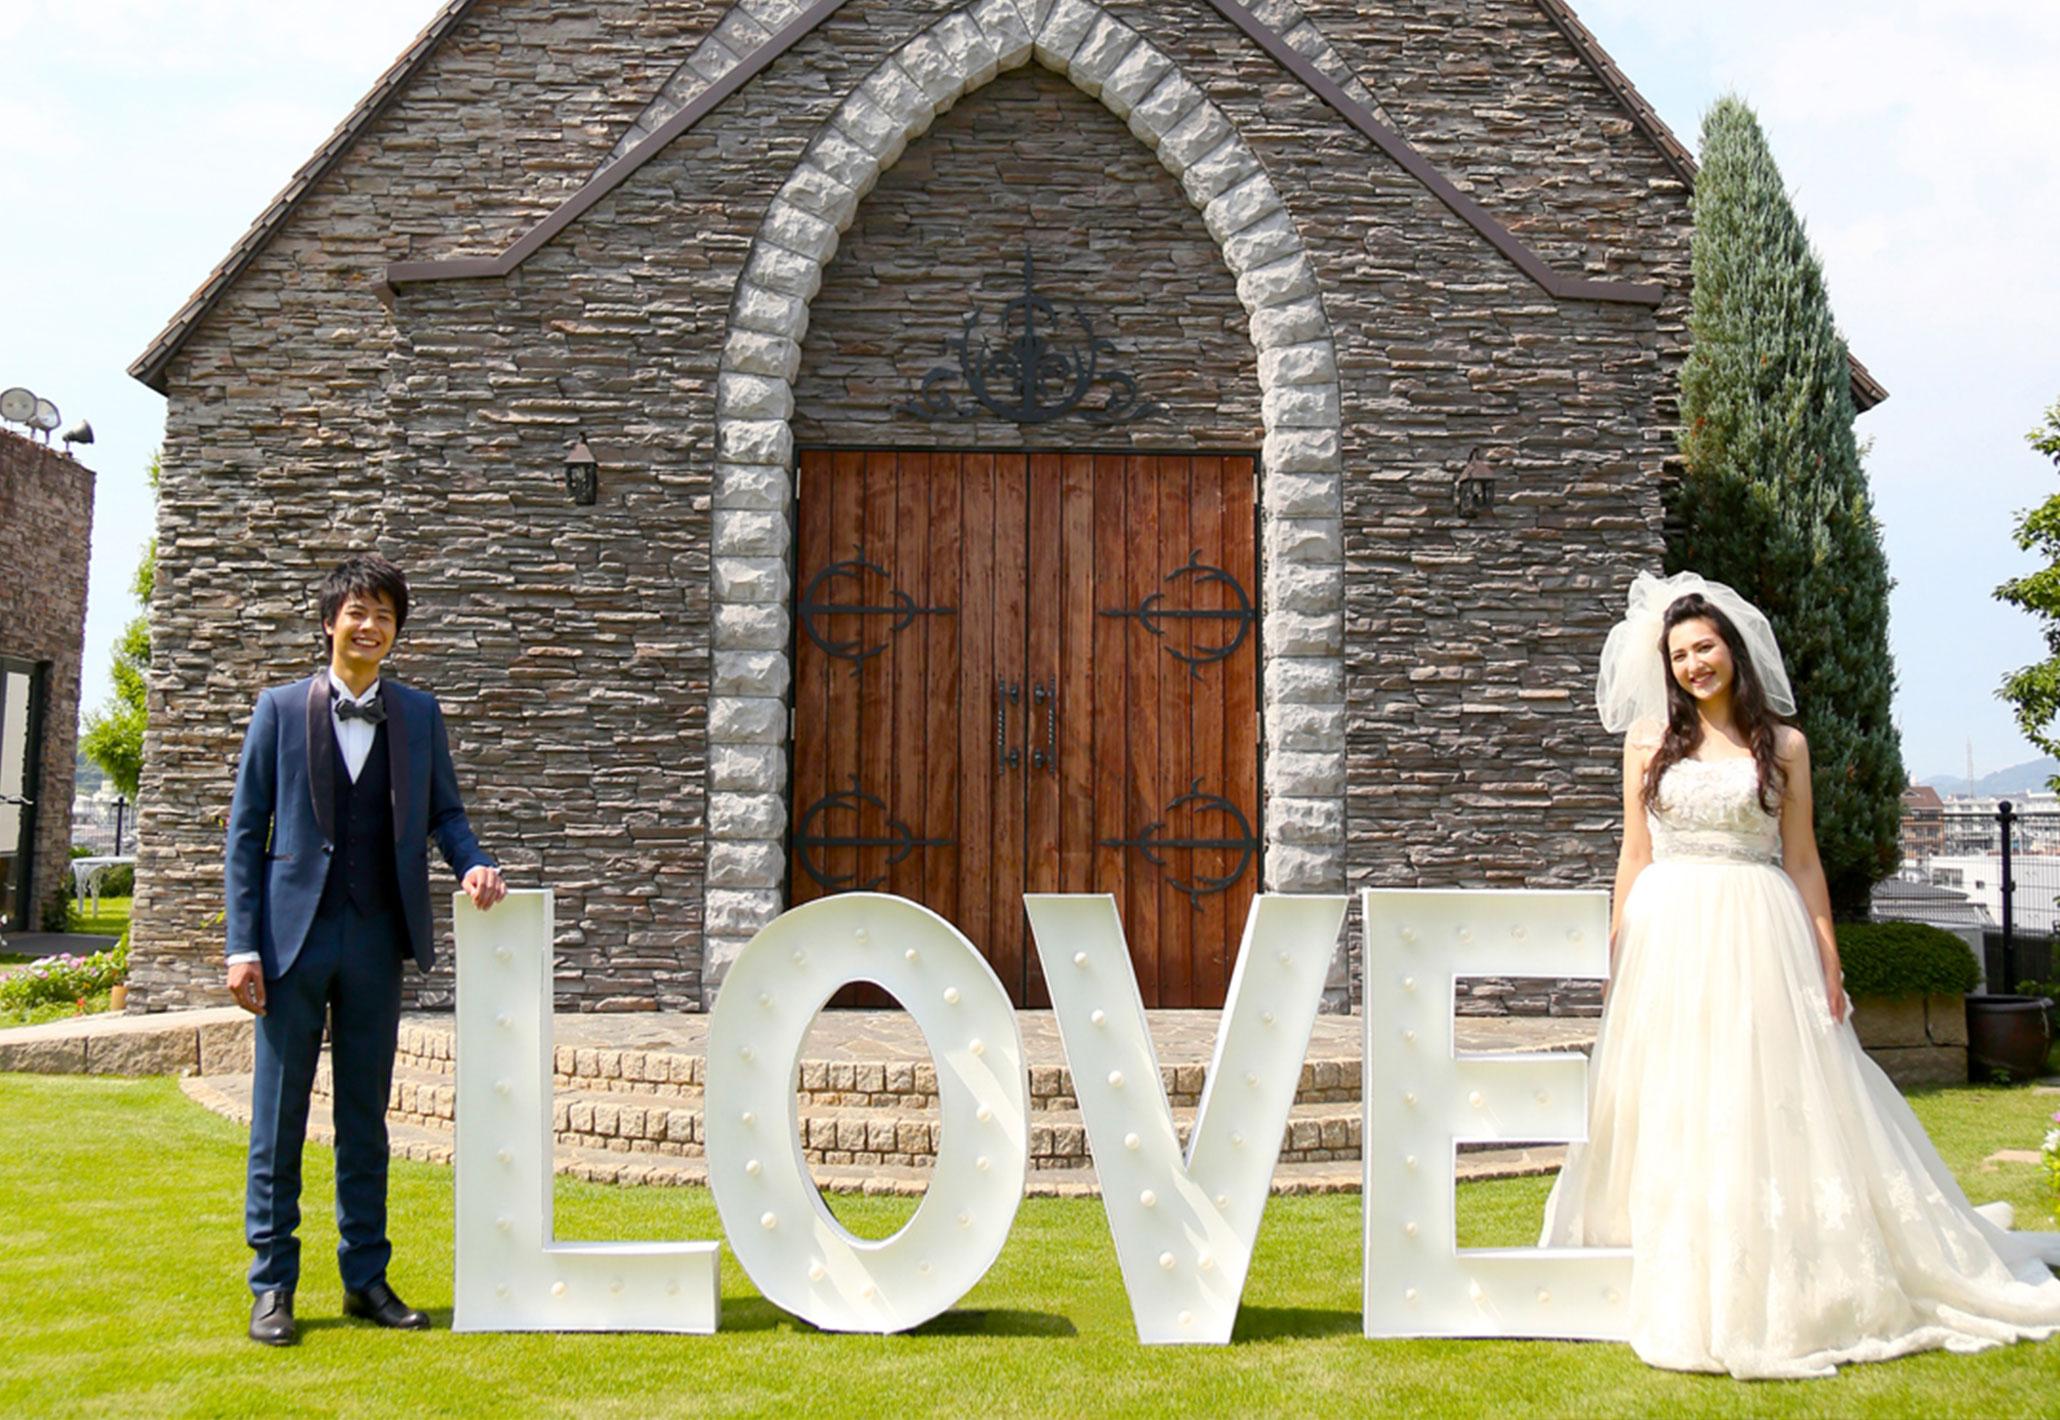 ガーデンに囲まれた新郎新婦|愛媛県松山市の結婚式場ベルフォーレ松山